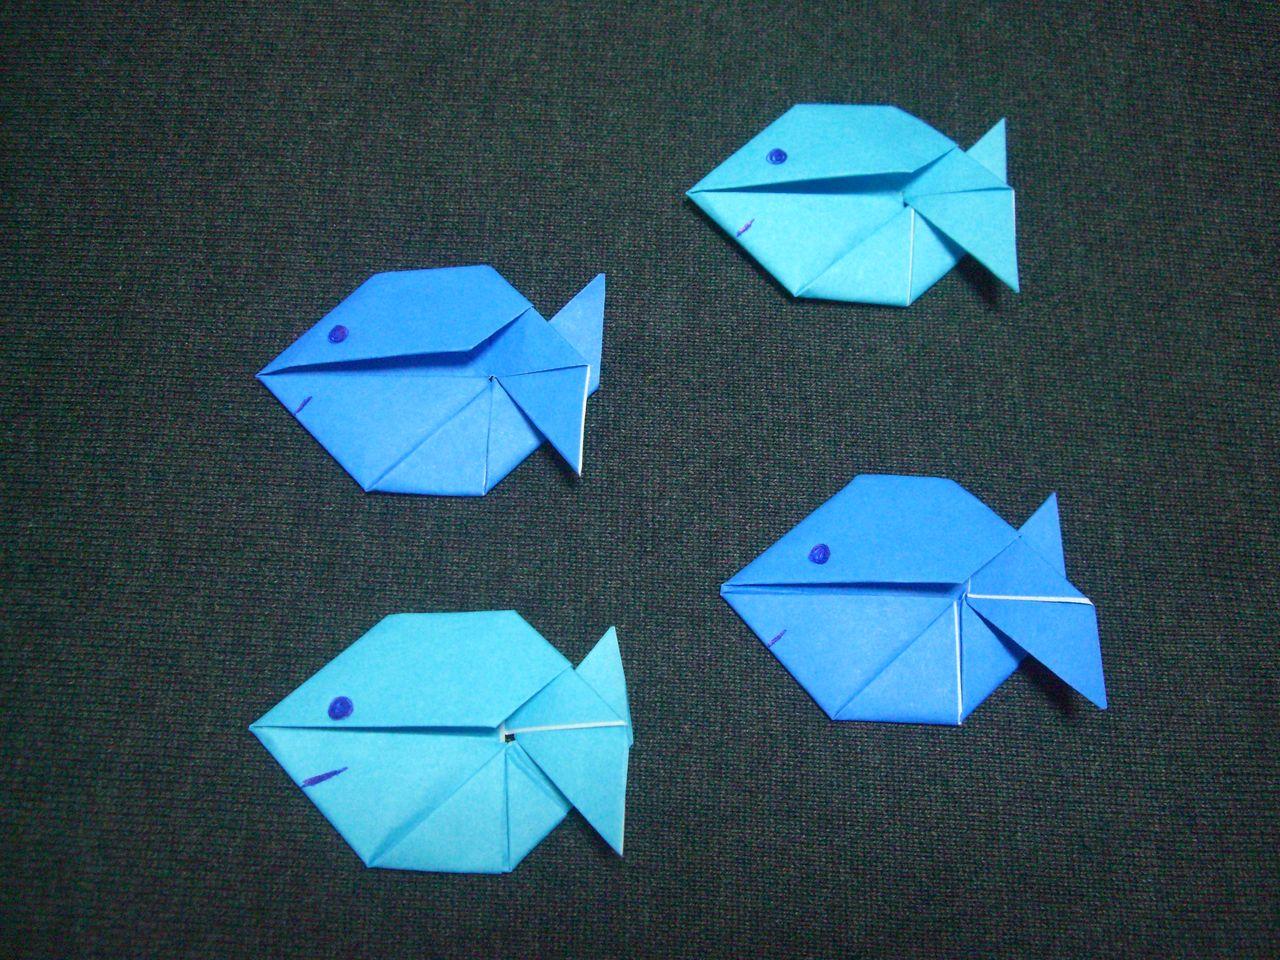 ... おりがみ遊び (折り手紙・お魚 : 箱折り : すべての講義